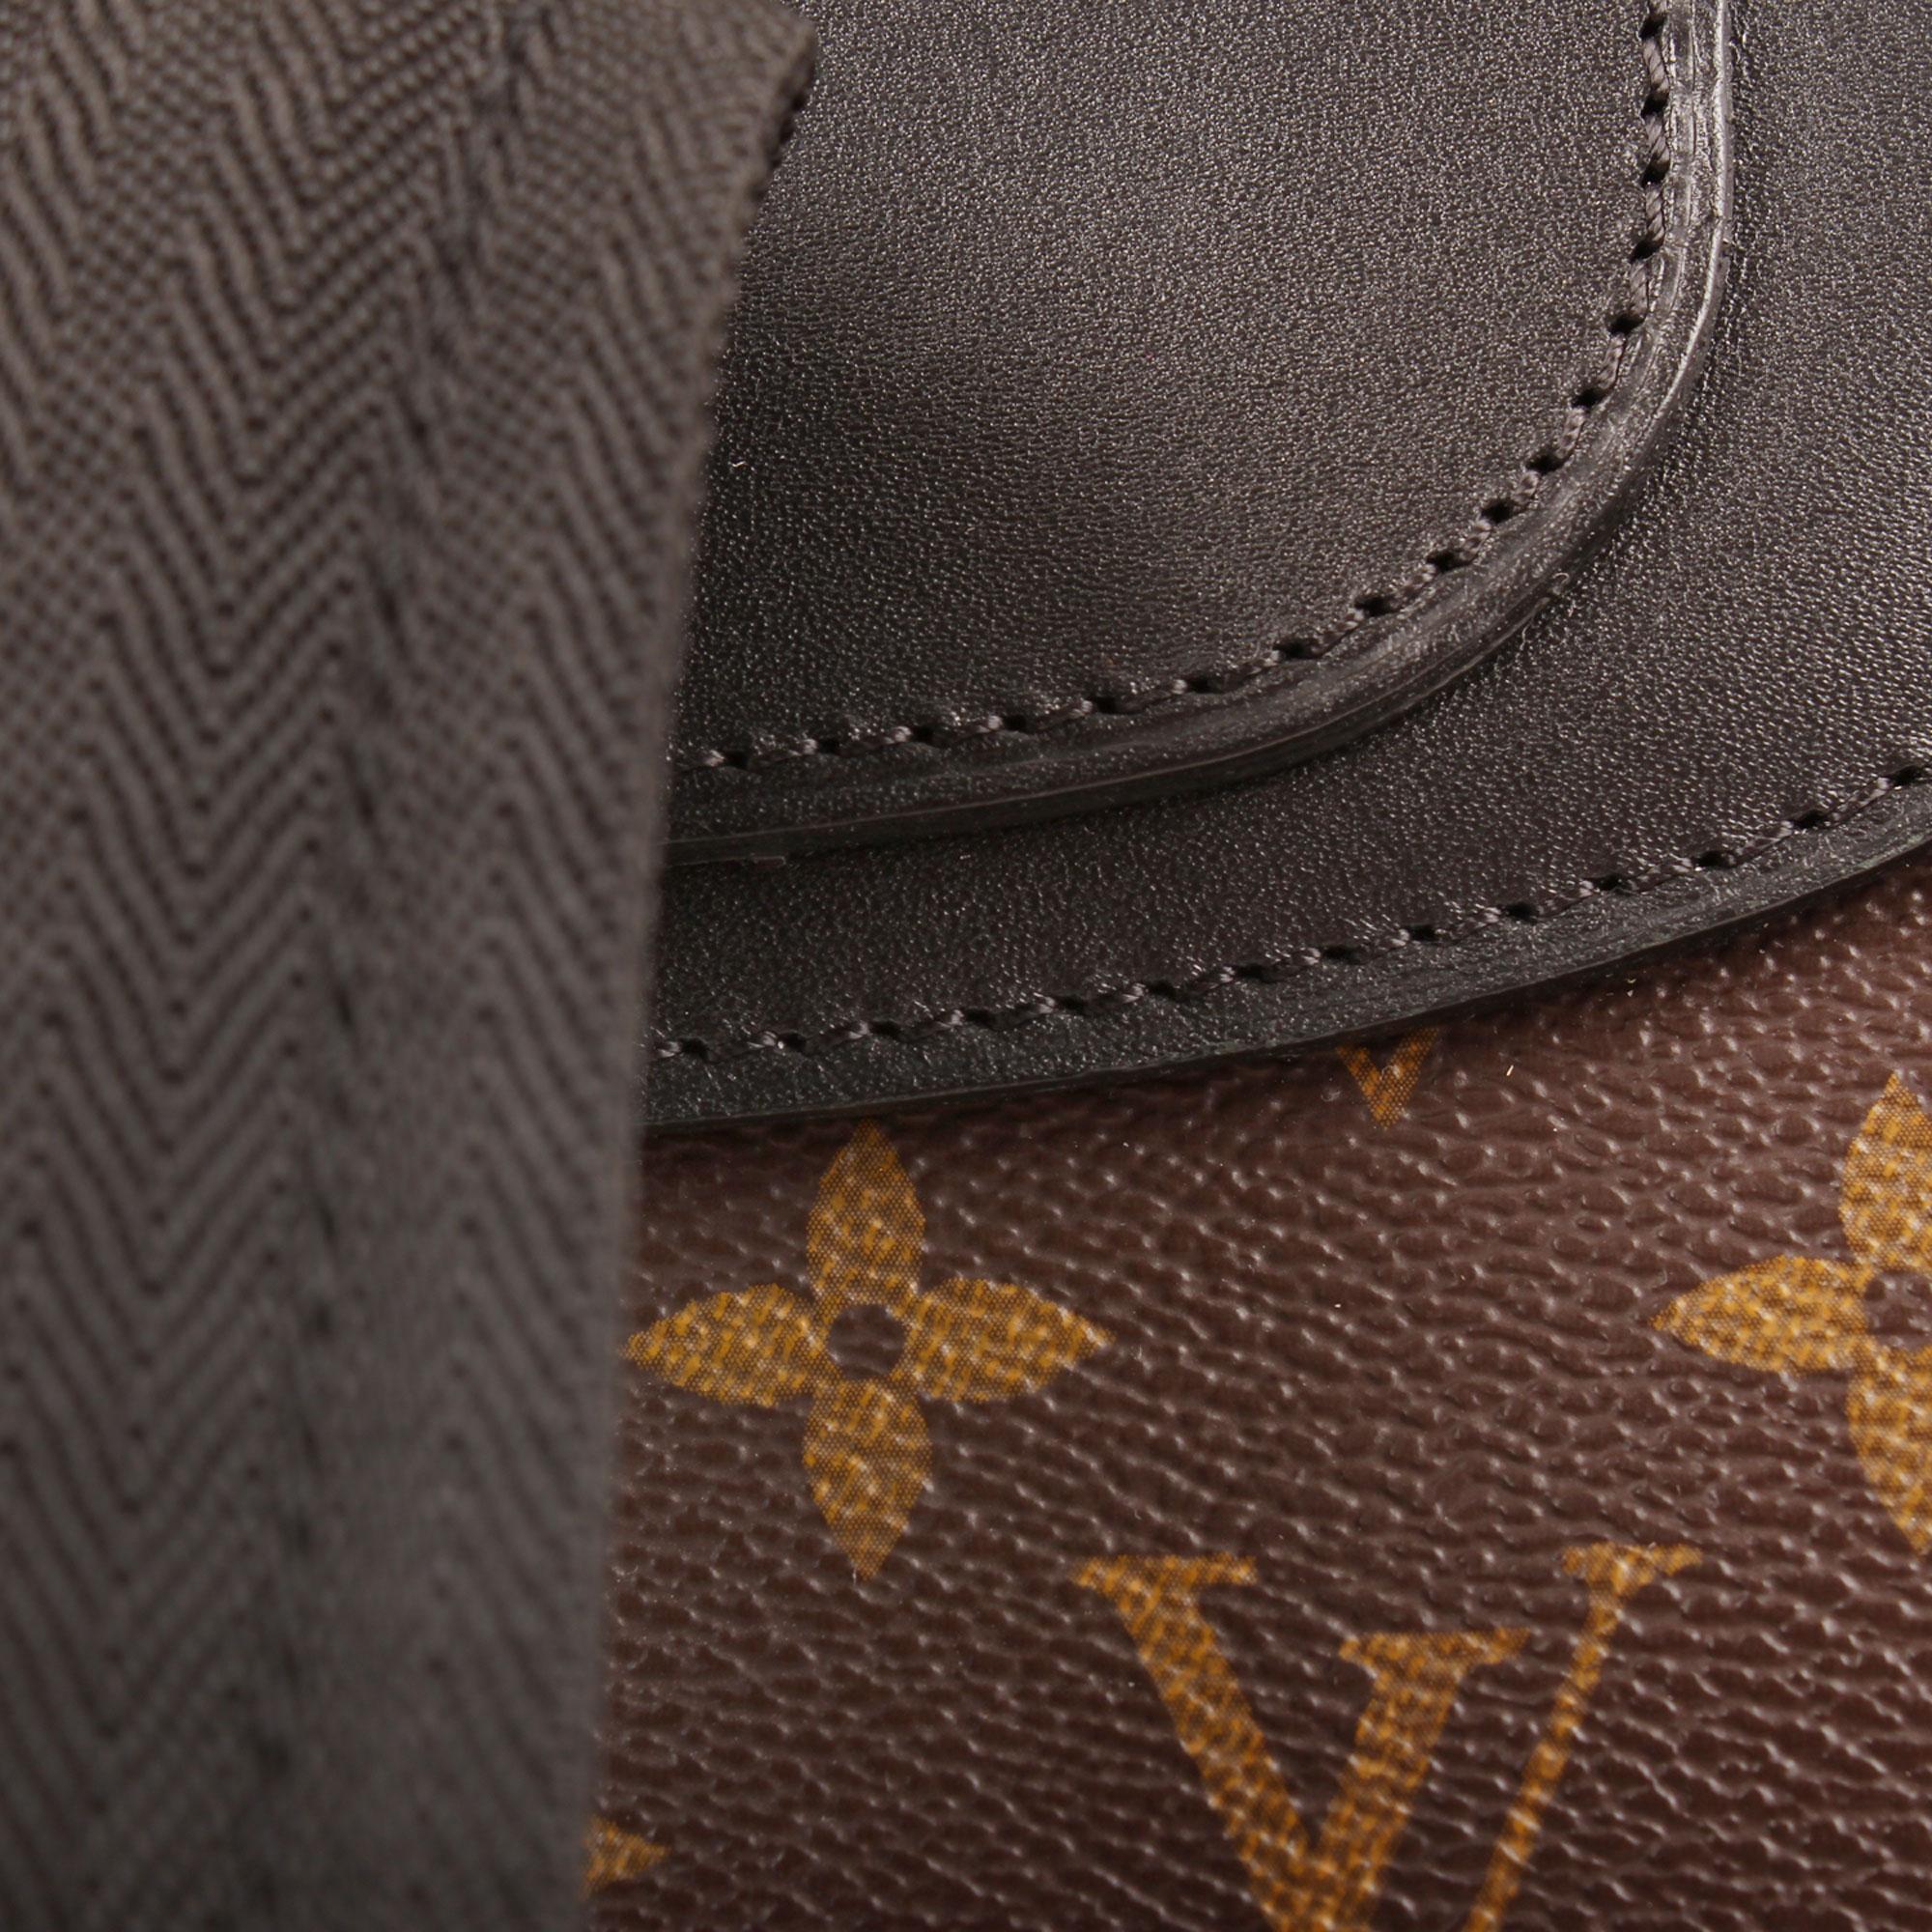 Imagen de detalle de la mochila louis vuitton palk monogram macassar